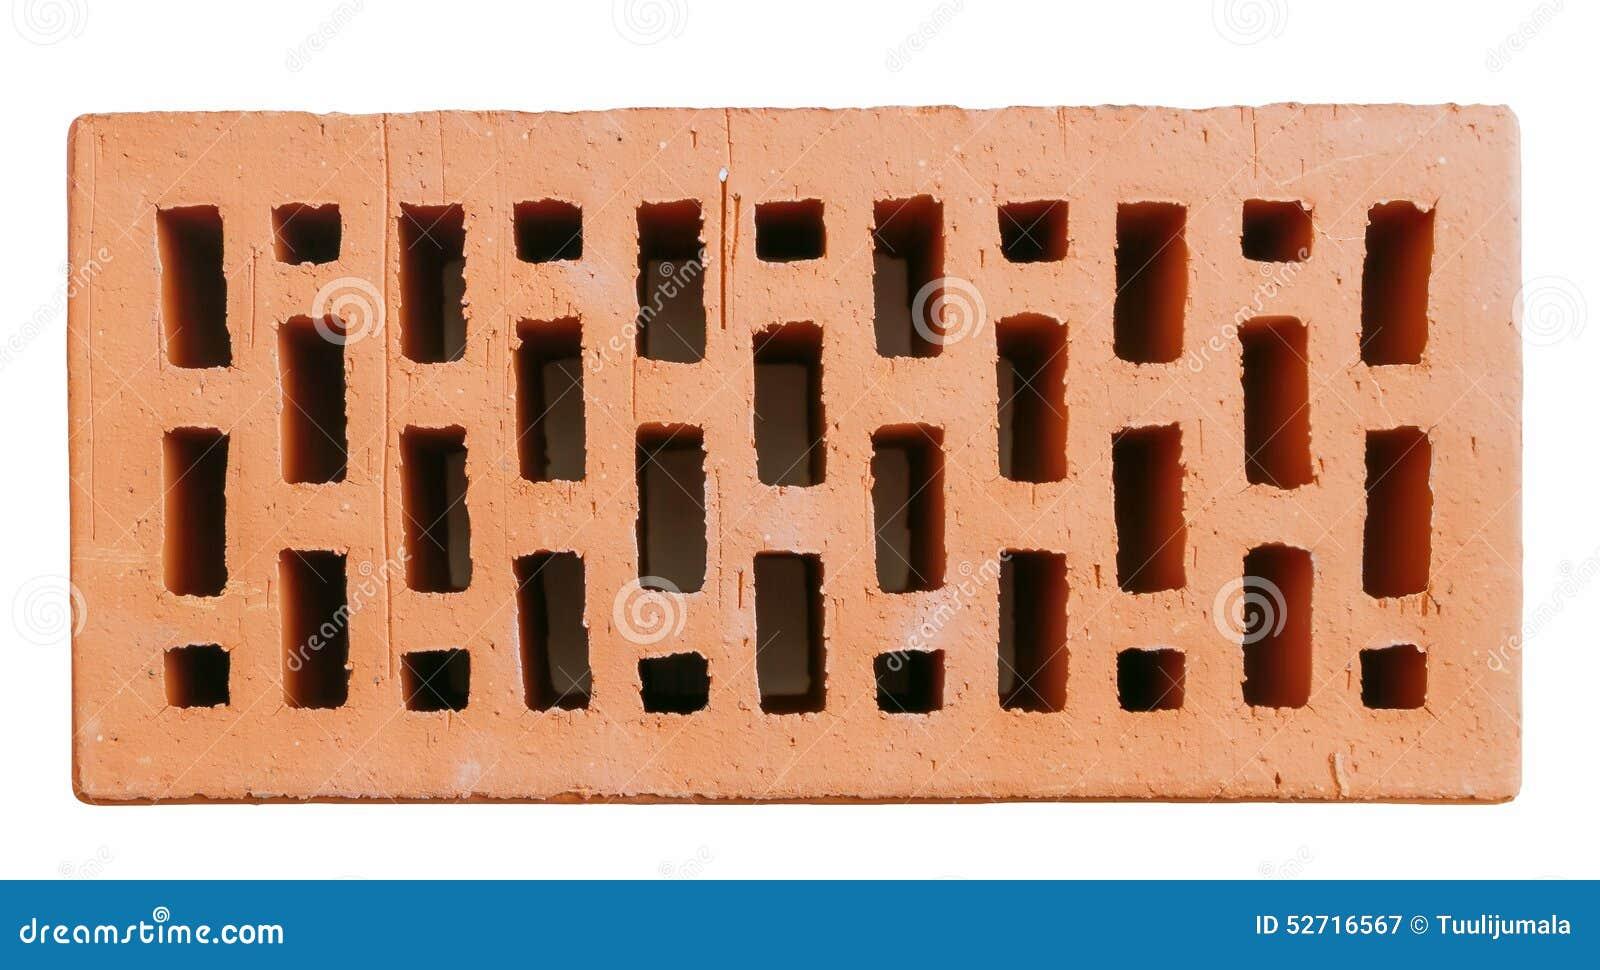 brique creuse rouge de mur image stock image du rugueux 52716567. Black Bedroom Furniture Sets. Home Design Ideas